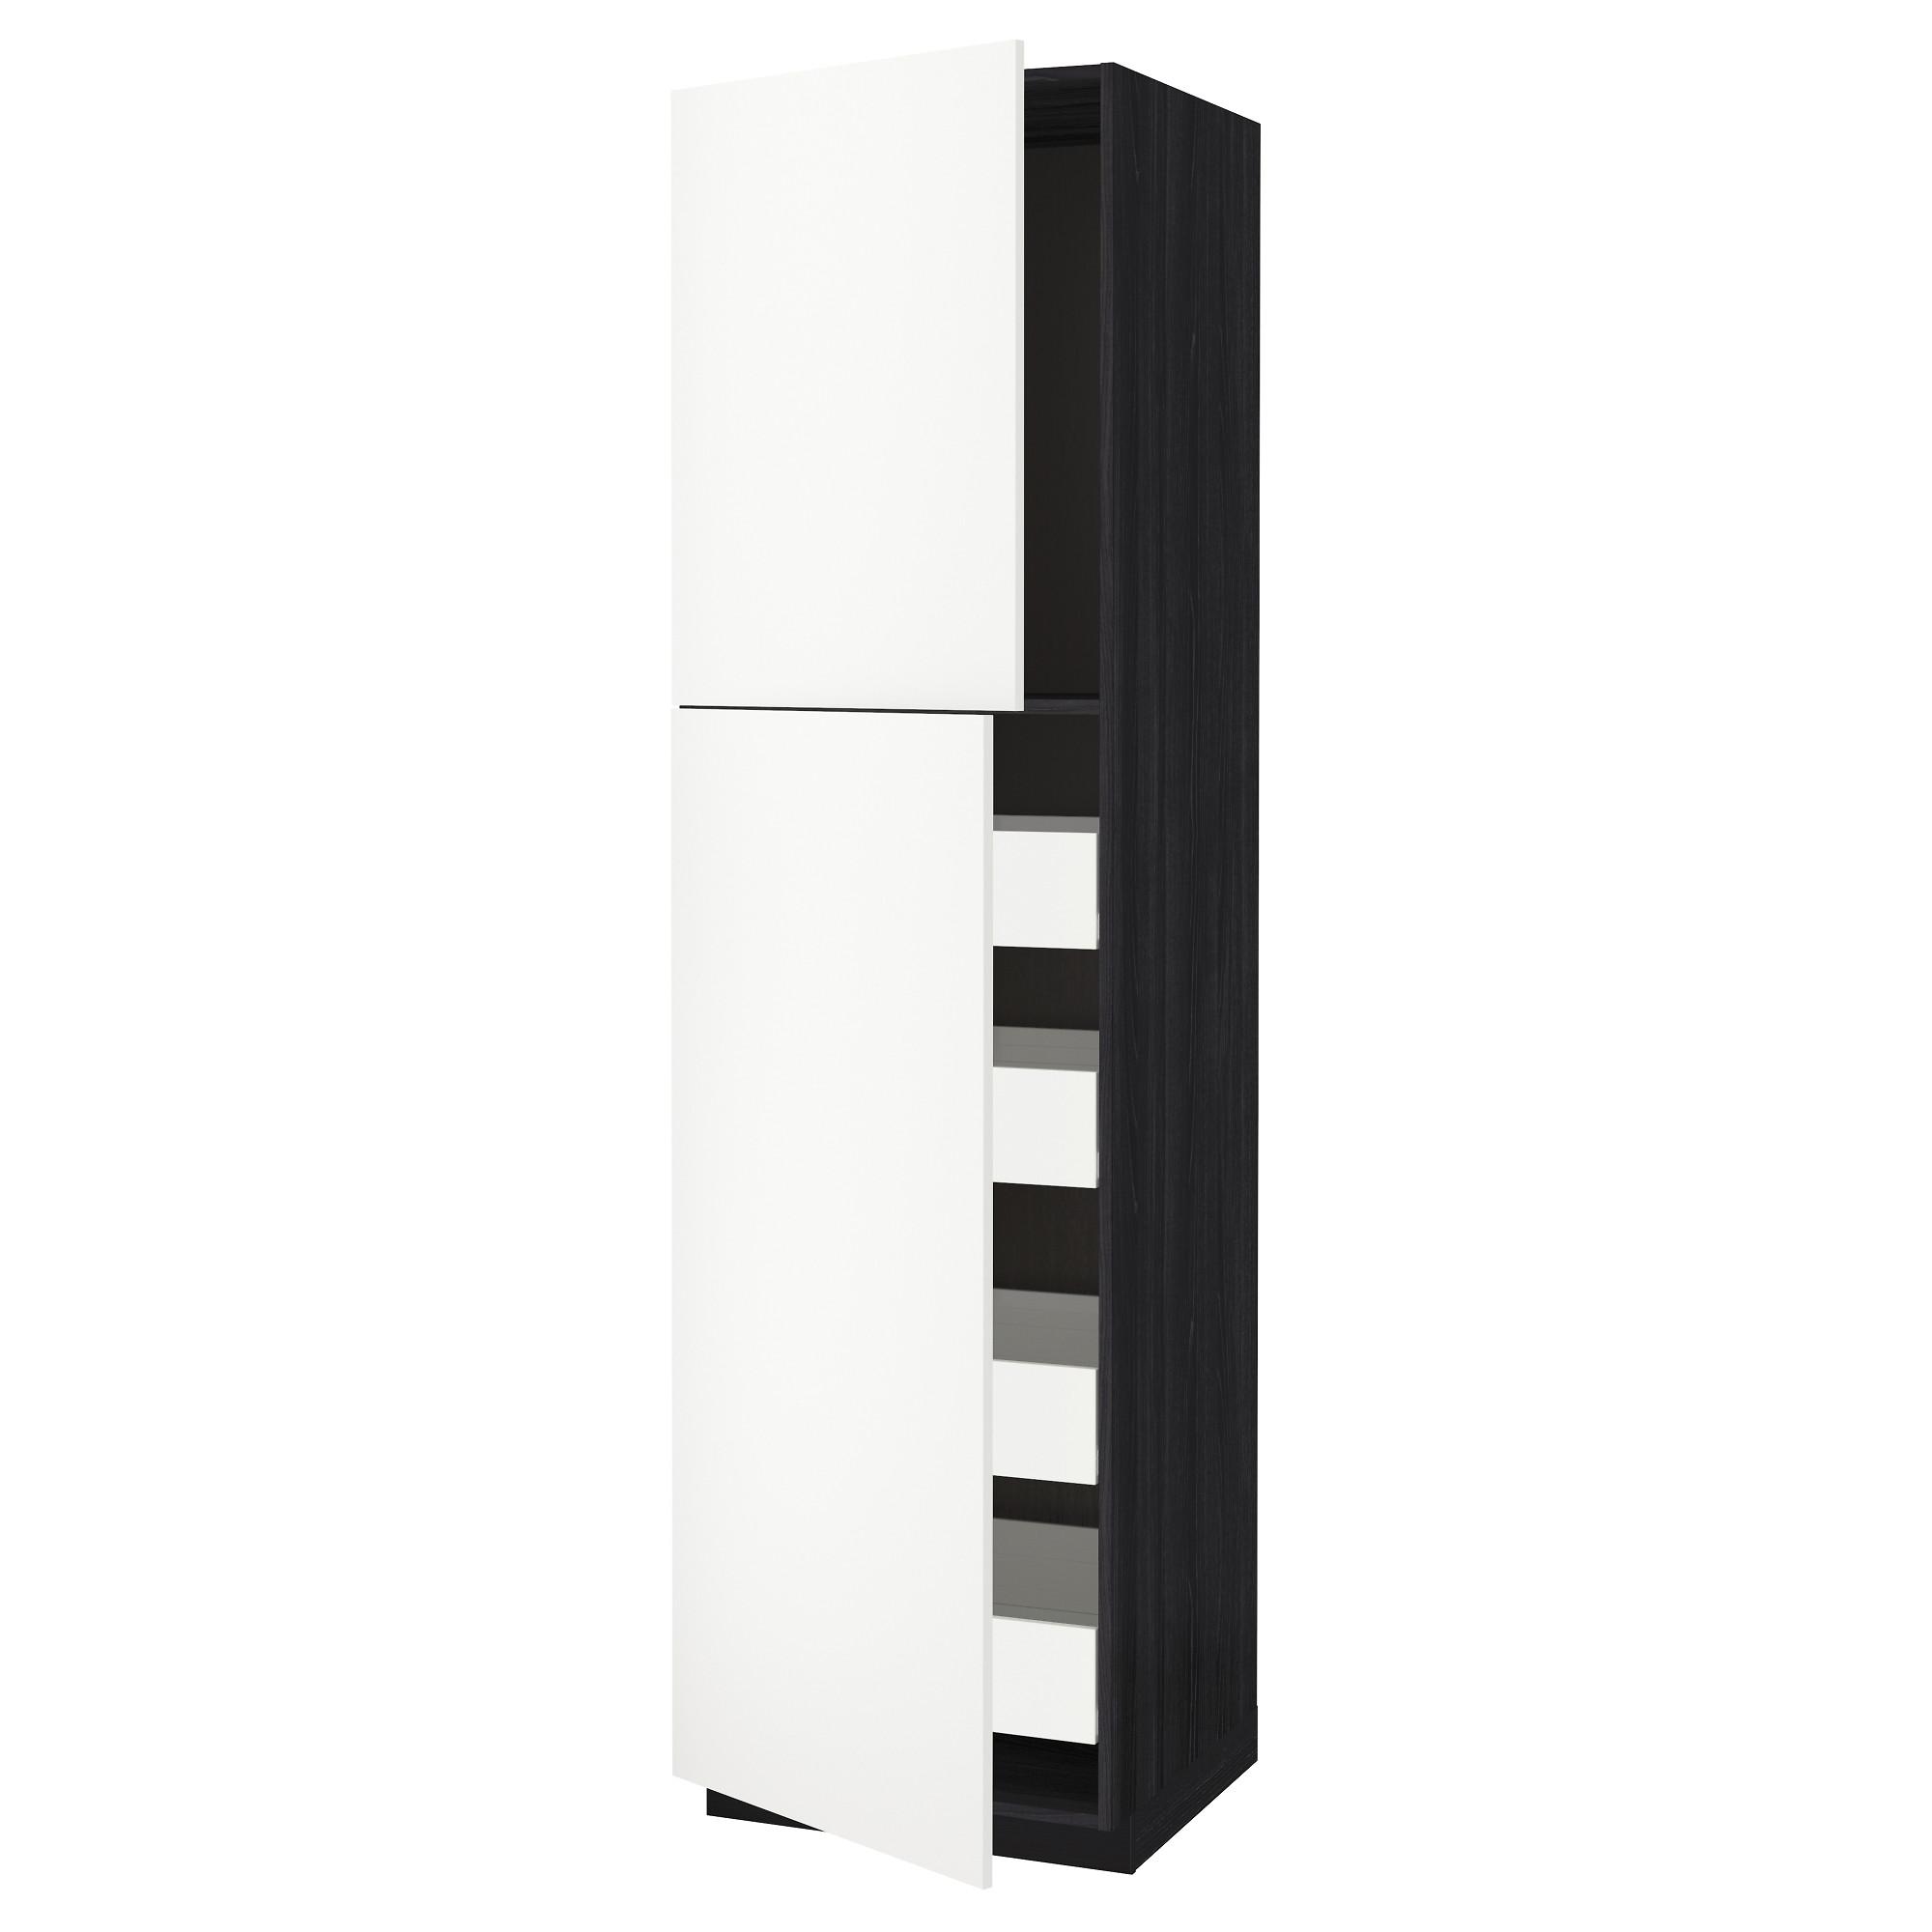 Высокий шкаф/2дверцы/4ящика МЕТОД / ФОРВАРА черный артикуль № 592.621.13 в наличии. Интернет магазин IKEA РБ. Быстрая доставка и установка.